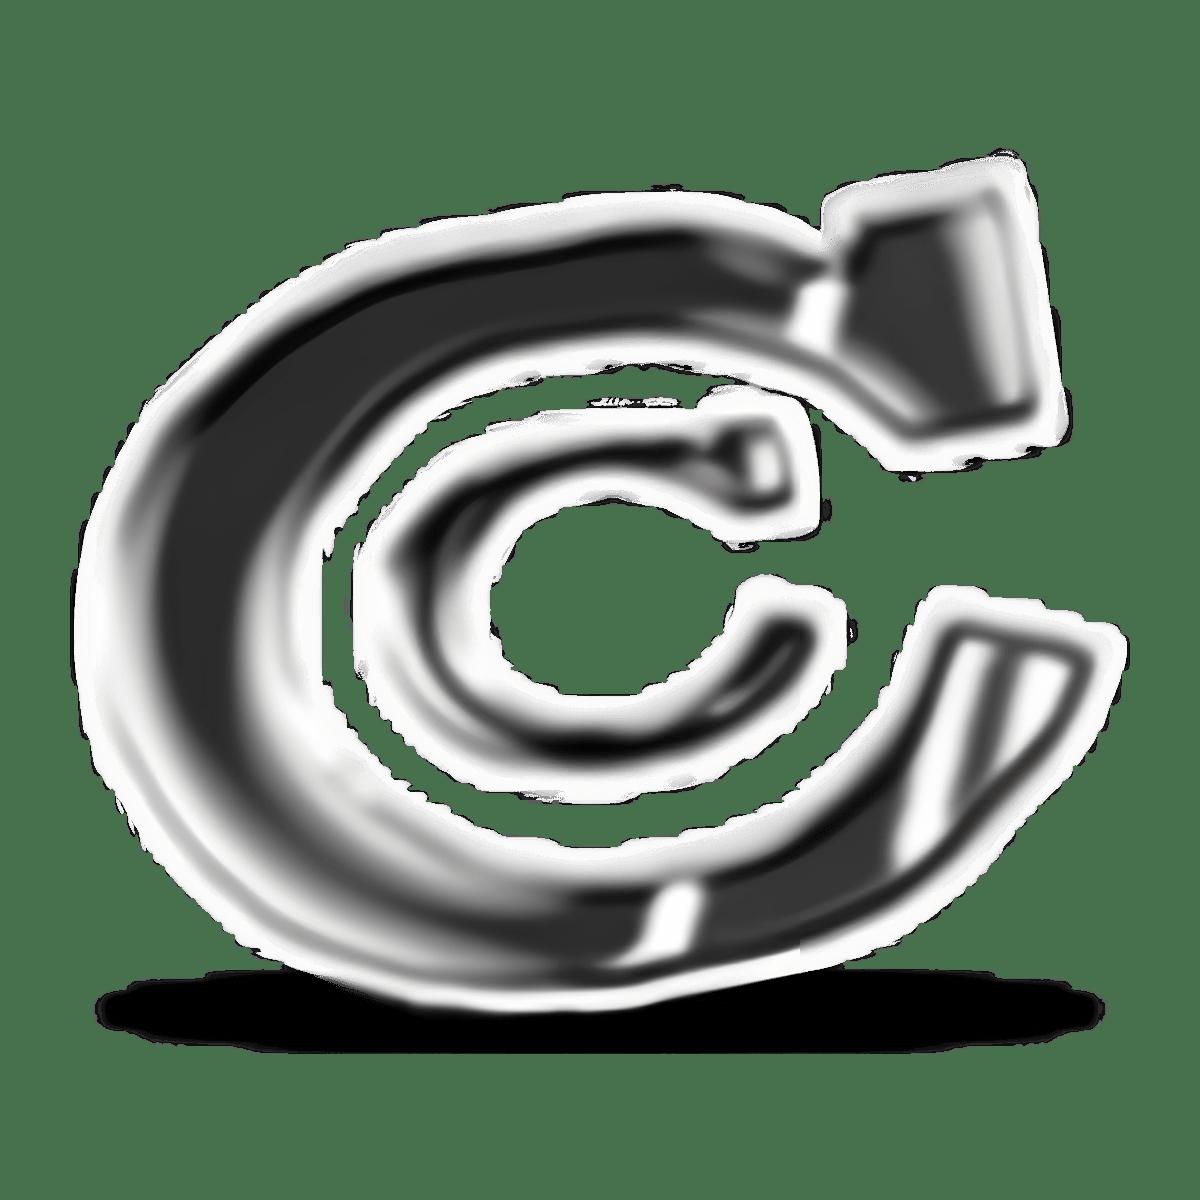 The Craigslist Checker